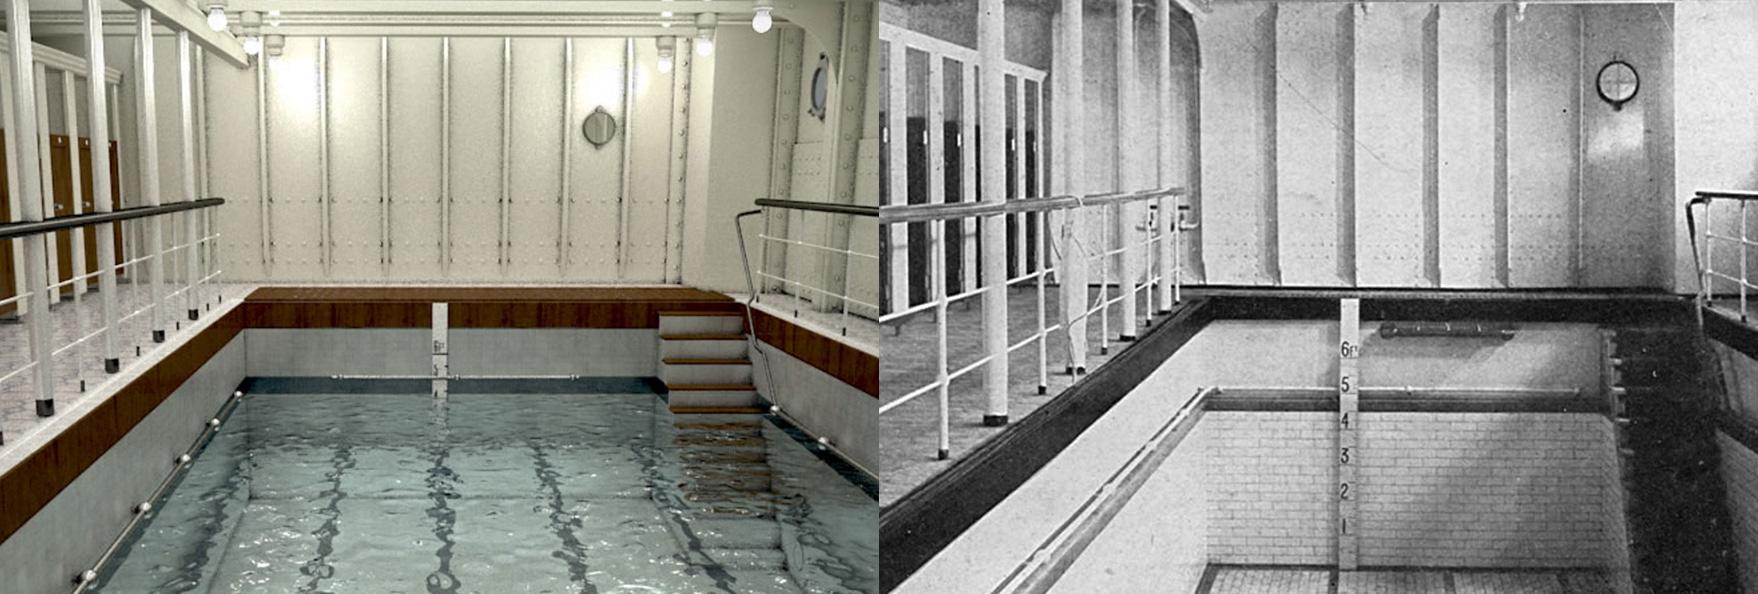 A piscina do navio (FOTO: DIVULGAÇÃO)